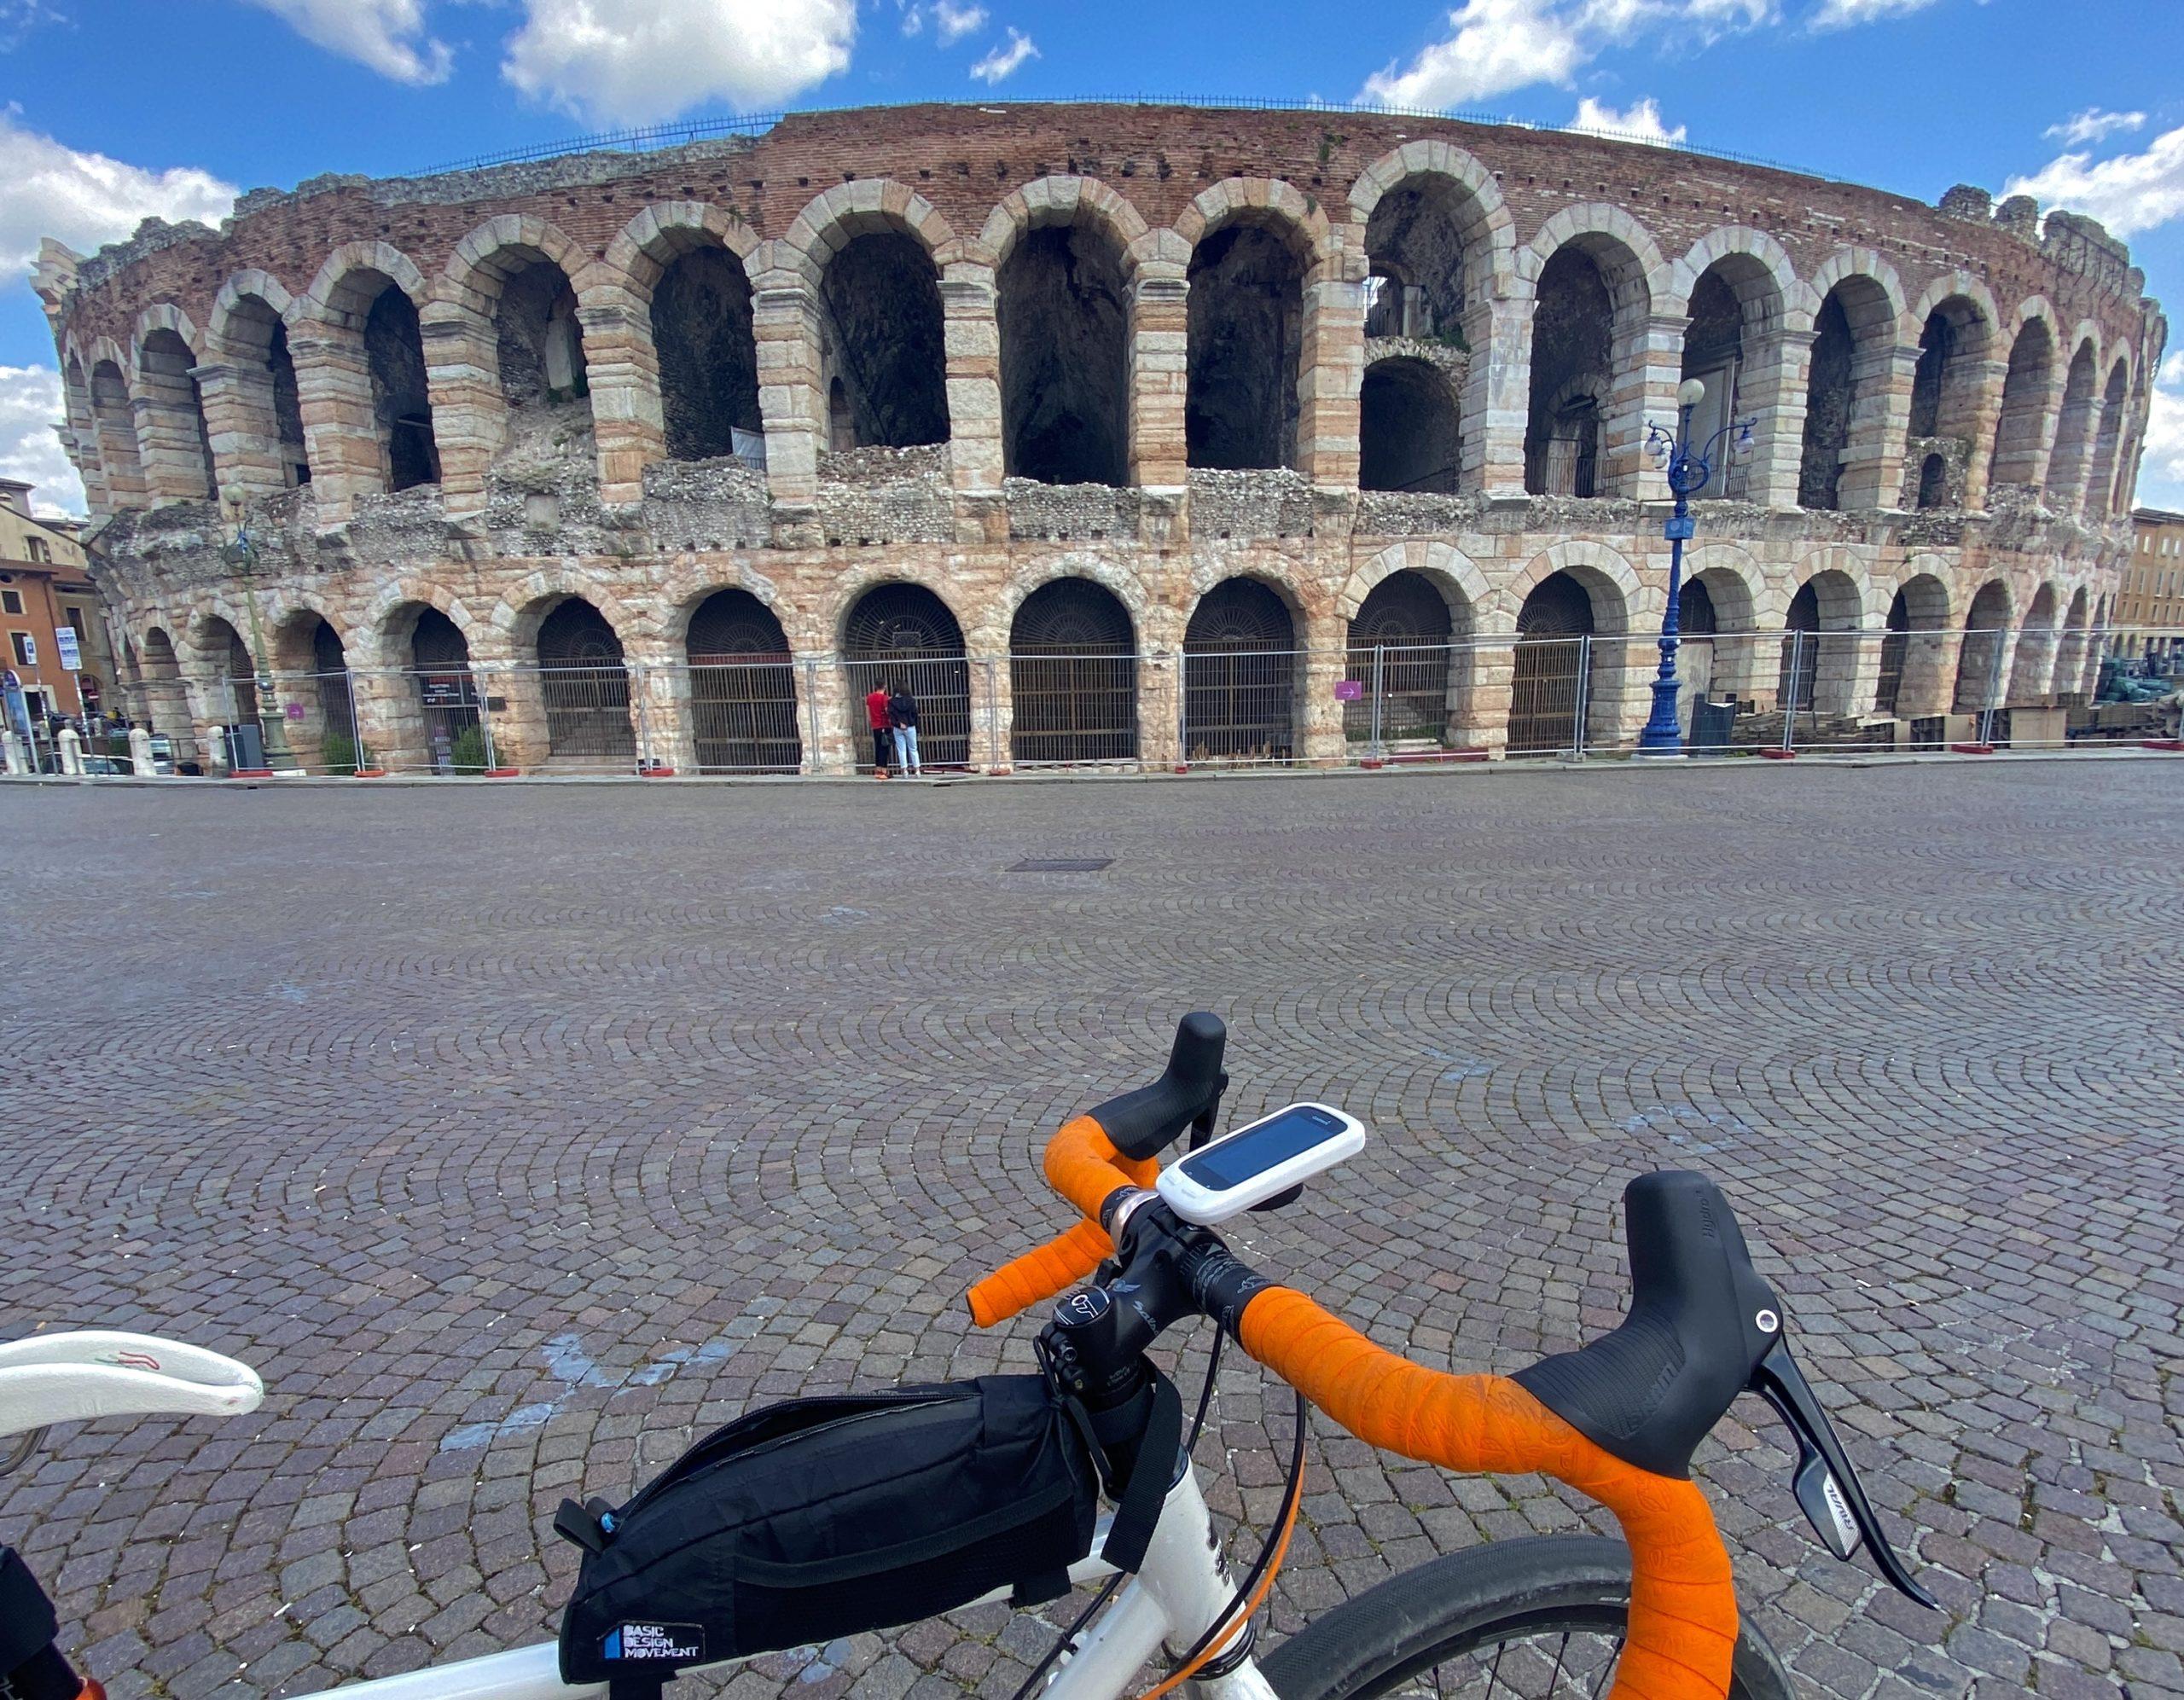 Ciclovia del Po, parco del delta del po in bici, vacanze in veneto, ponti di barche sul po, la lunga via dei fiumi, viaggiatore lento, viaggiare in bici, verona in bicicletta, ciclabile dell'adige, ciclovia del sole, eurovelo 7, ciclovia del Po, vacanze sul po in bici, , viaggiare in bicicletta, vacanze in bicicletta, Verona, arena di Verona, bikepacking, il veneto,